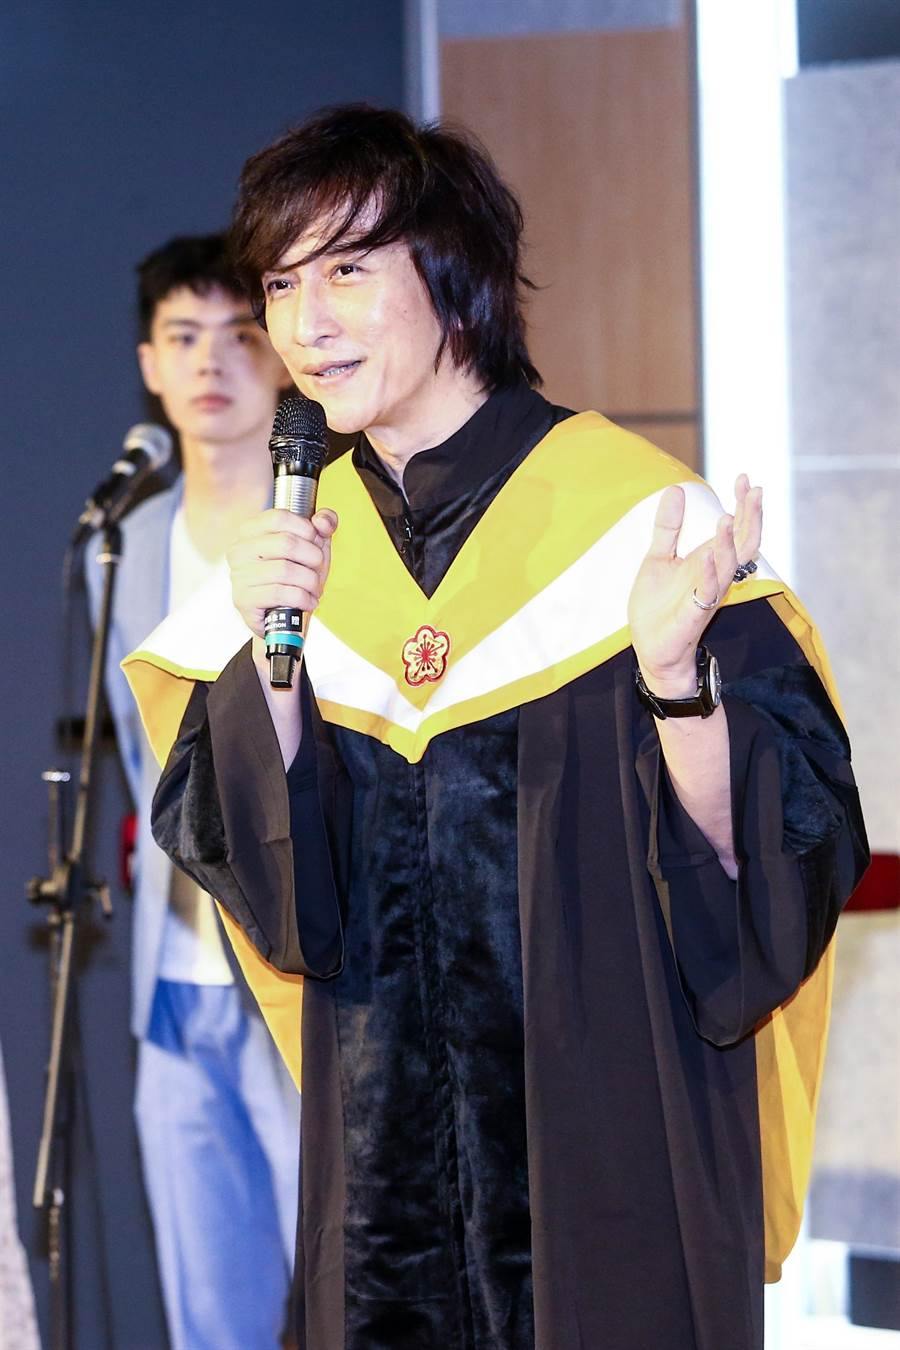 台北城市科大流行音樂事業系主任薛忠銘期勉學子,未來各個都能成為產業先驅,「讓我們為你驕傲!」(鄧博仁攝)